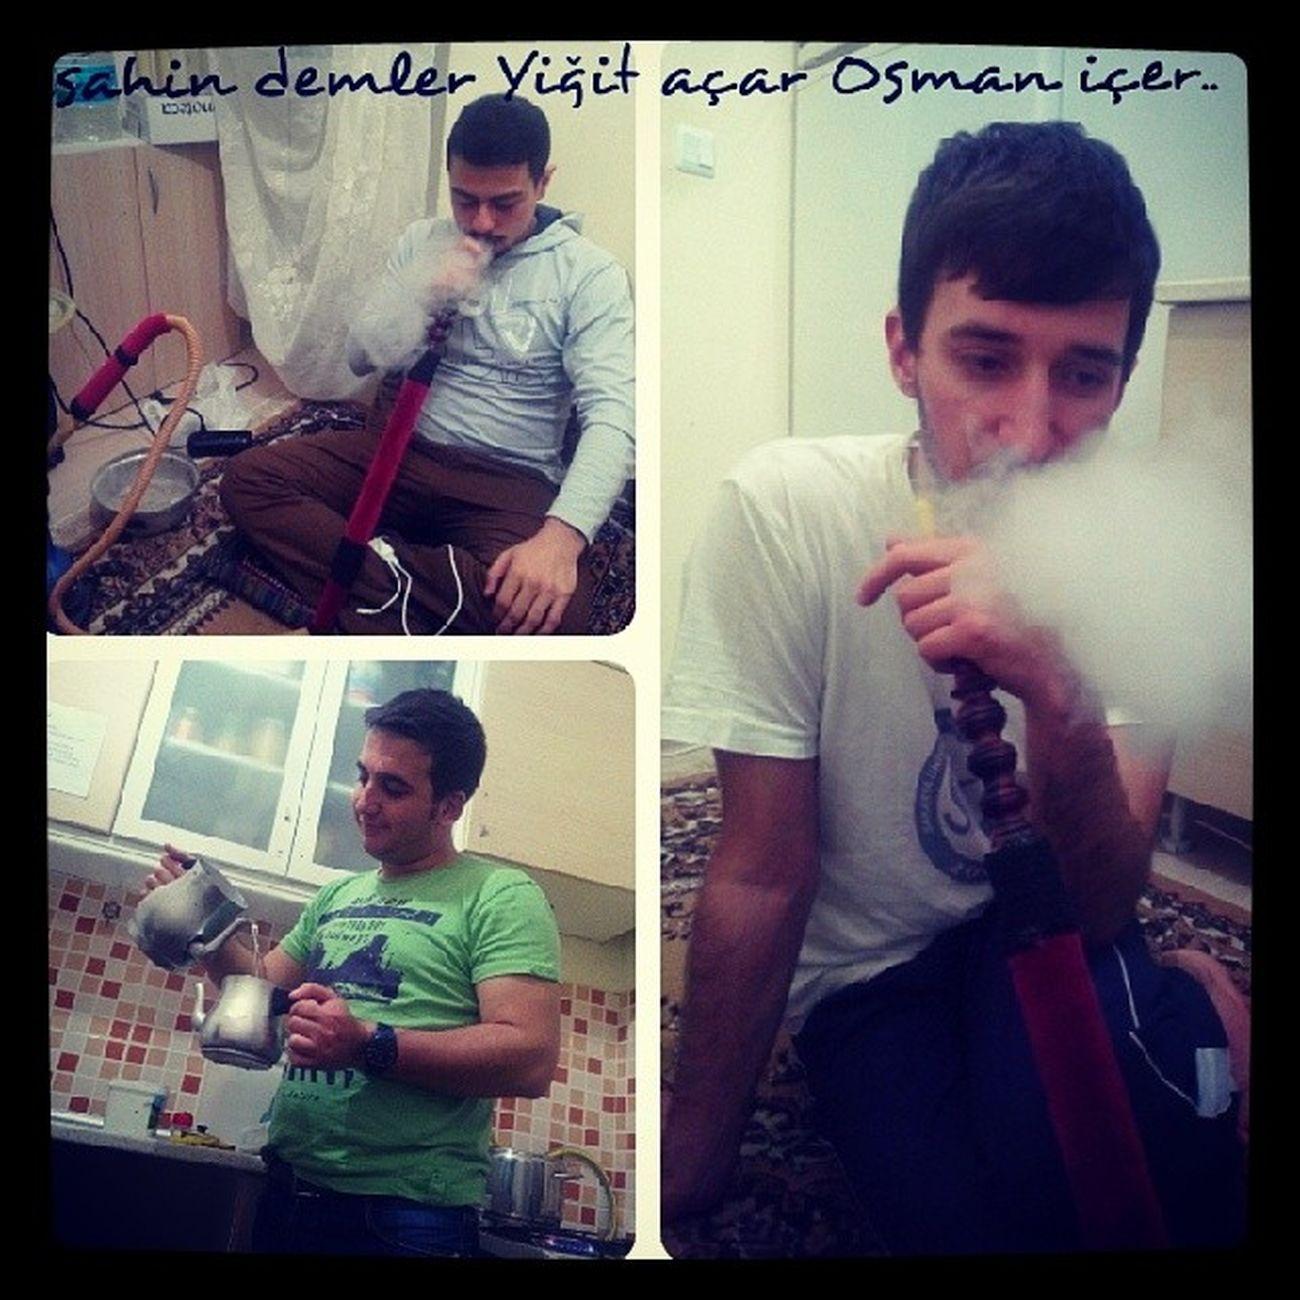 Sahin Demler Yigit Acar osman icer sakarya sakaryauniversitesi saü saugenclik izmit @saugenclik